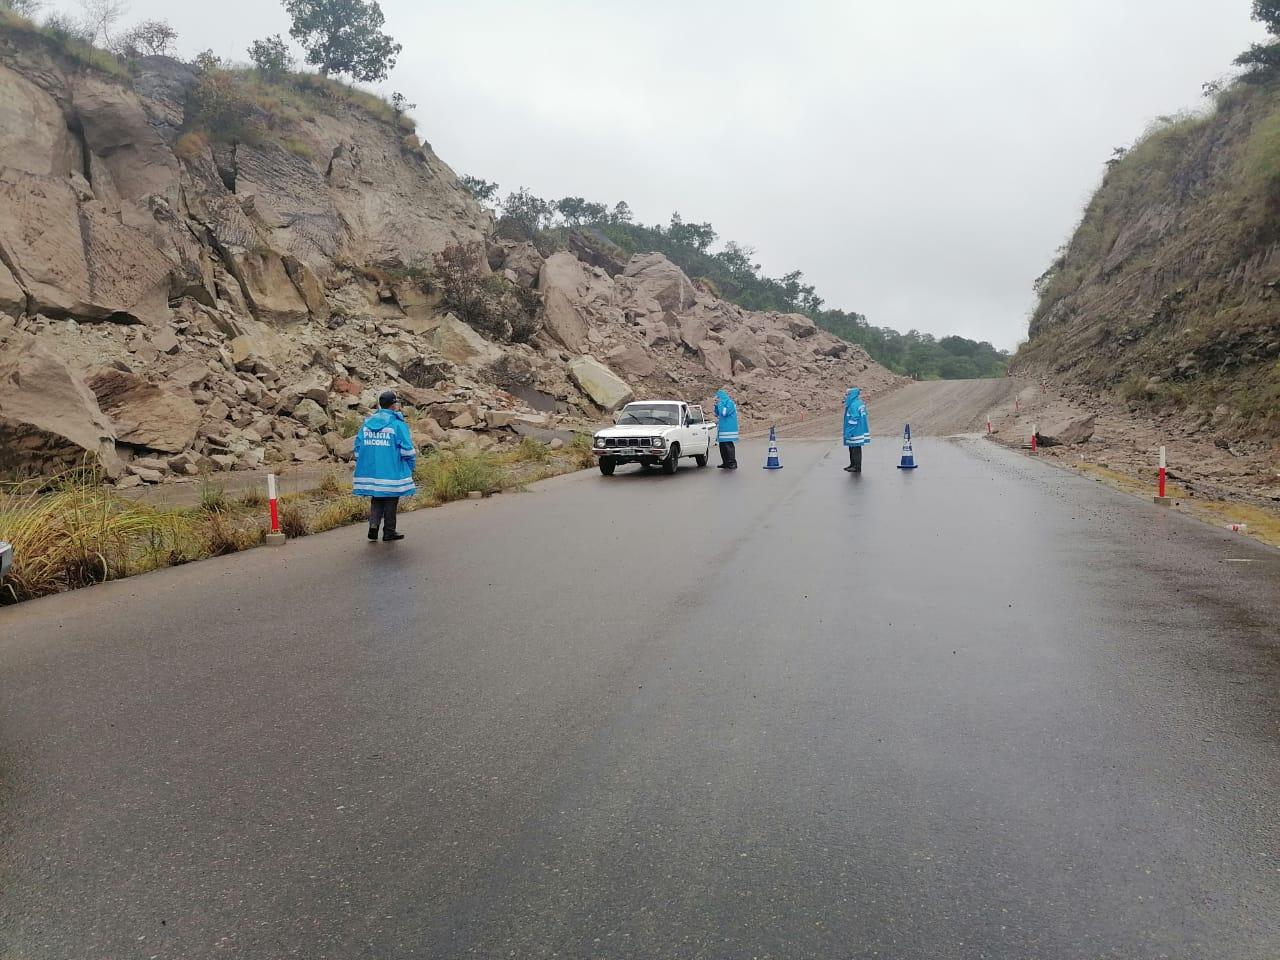 Policía mantiene seguridad en tramo carretero de Canal Seco por deslizamiento